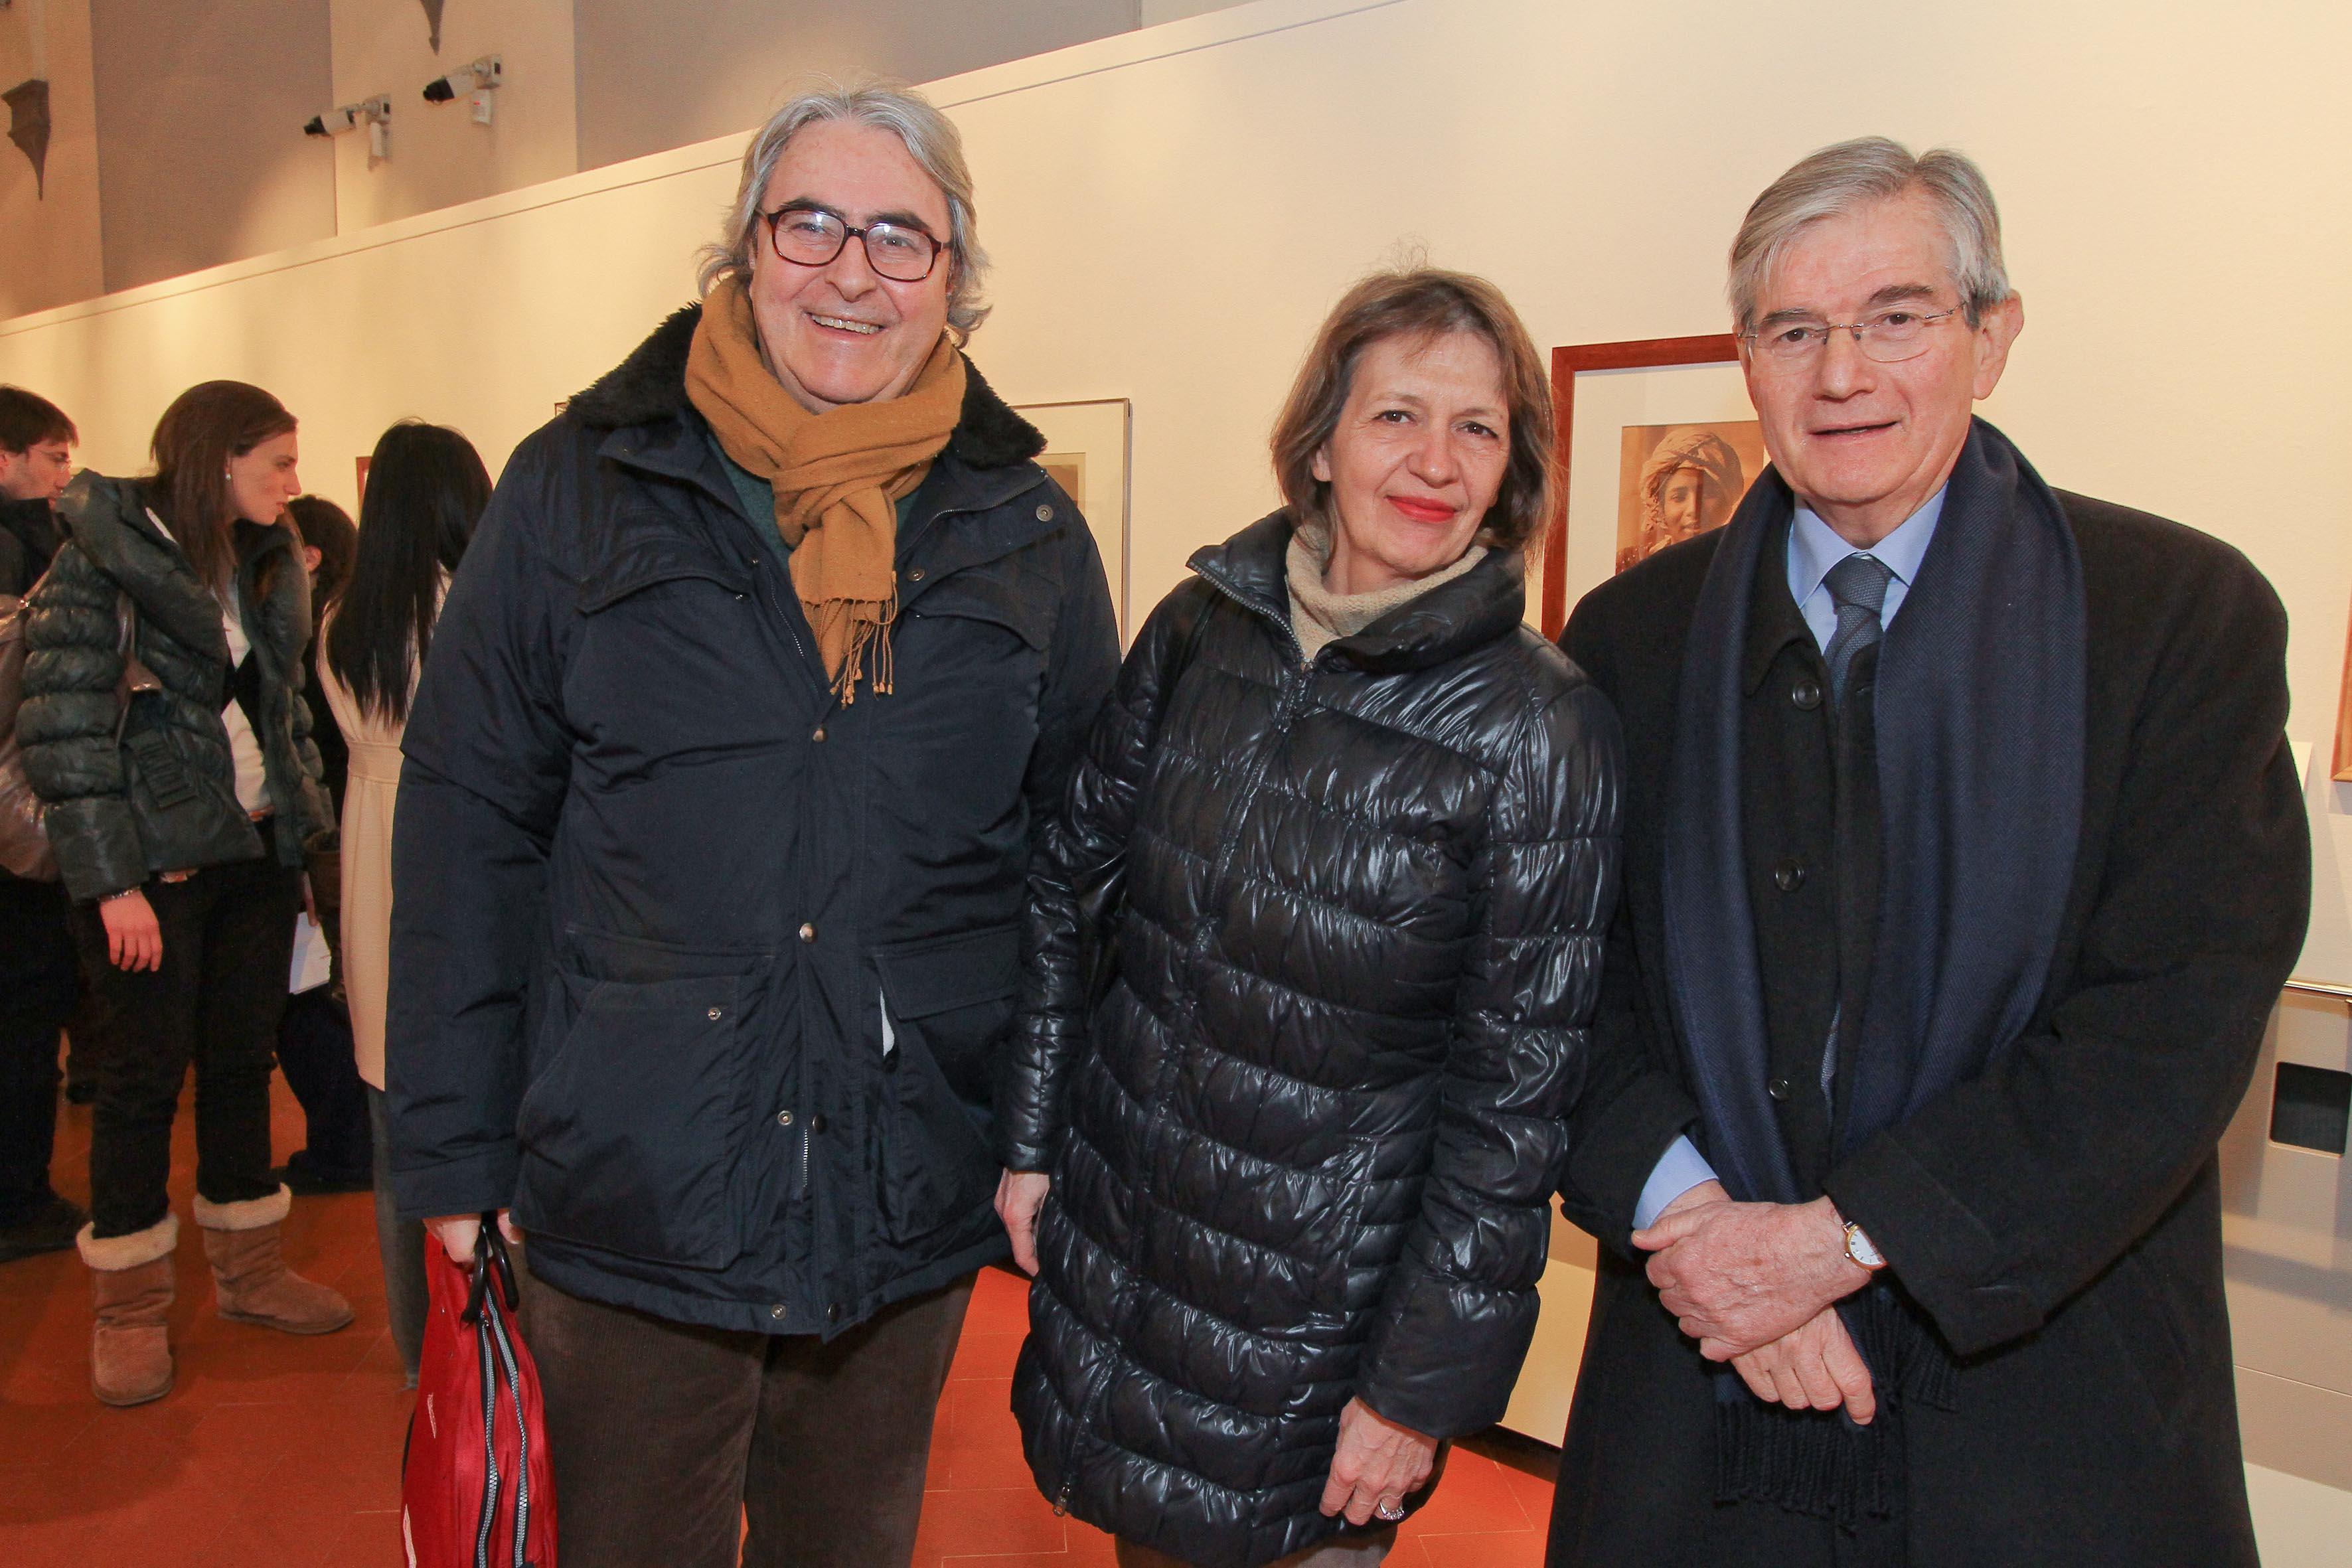 PRESSPHOTO Firenze, Museo Alinari, mostra fotografica Controverses. nella foto Riccardo Catola con la moglie Evelyn e Claudio De Polo